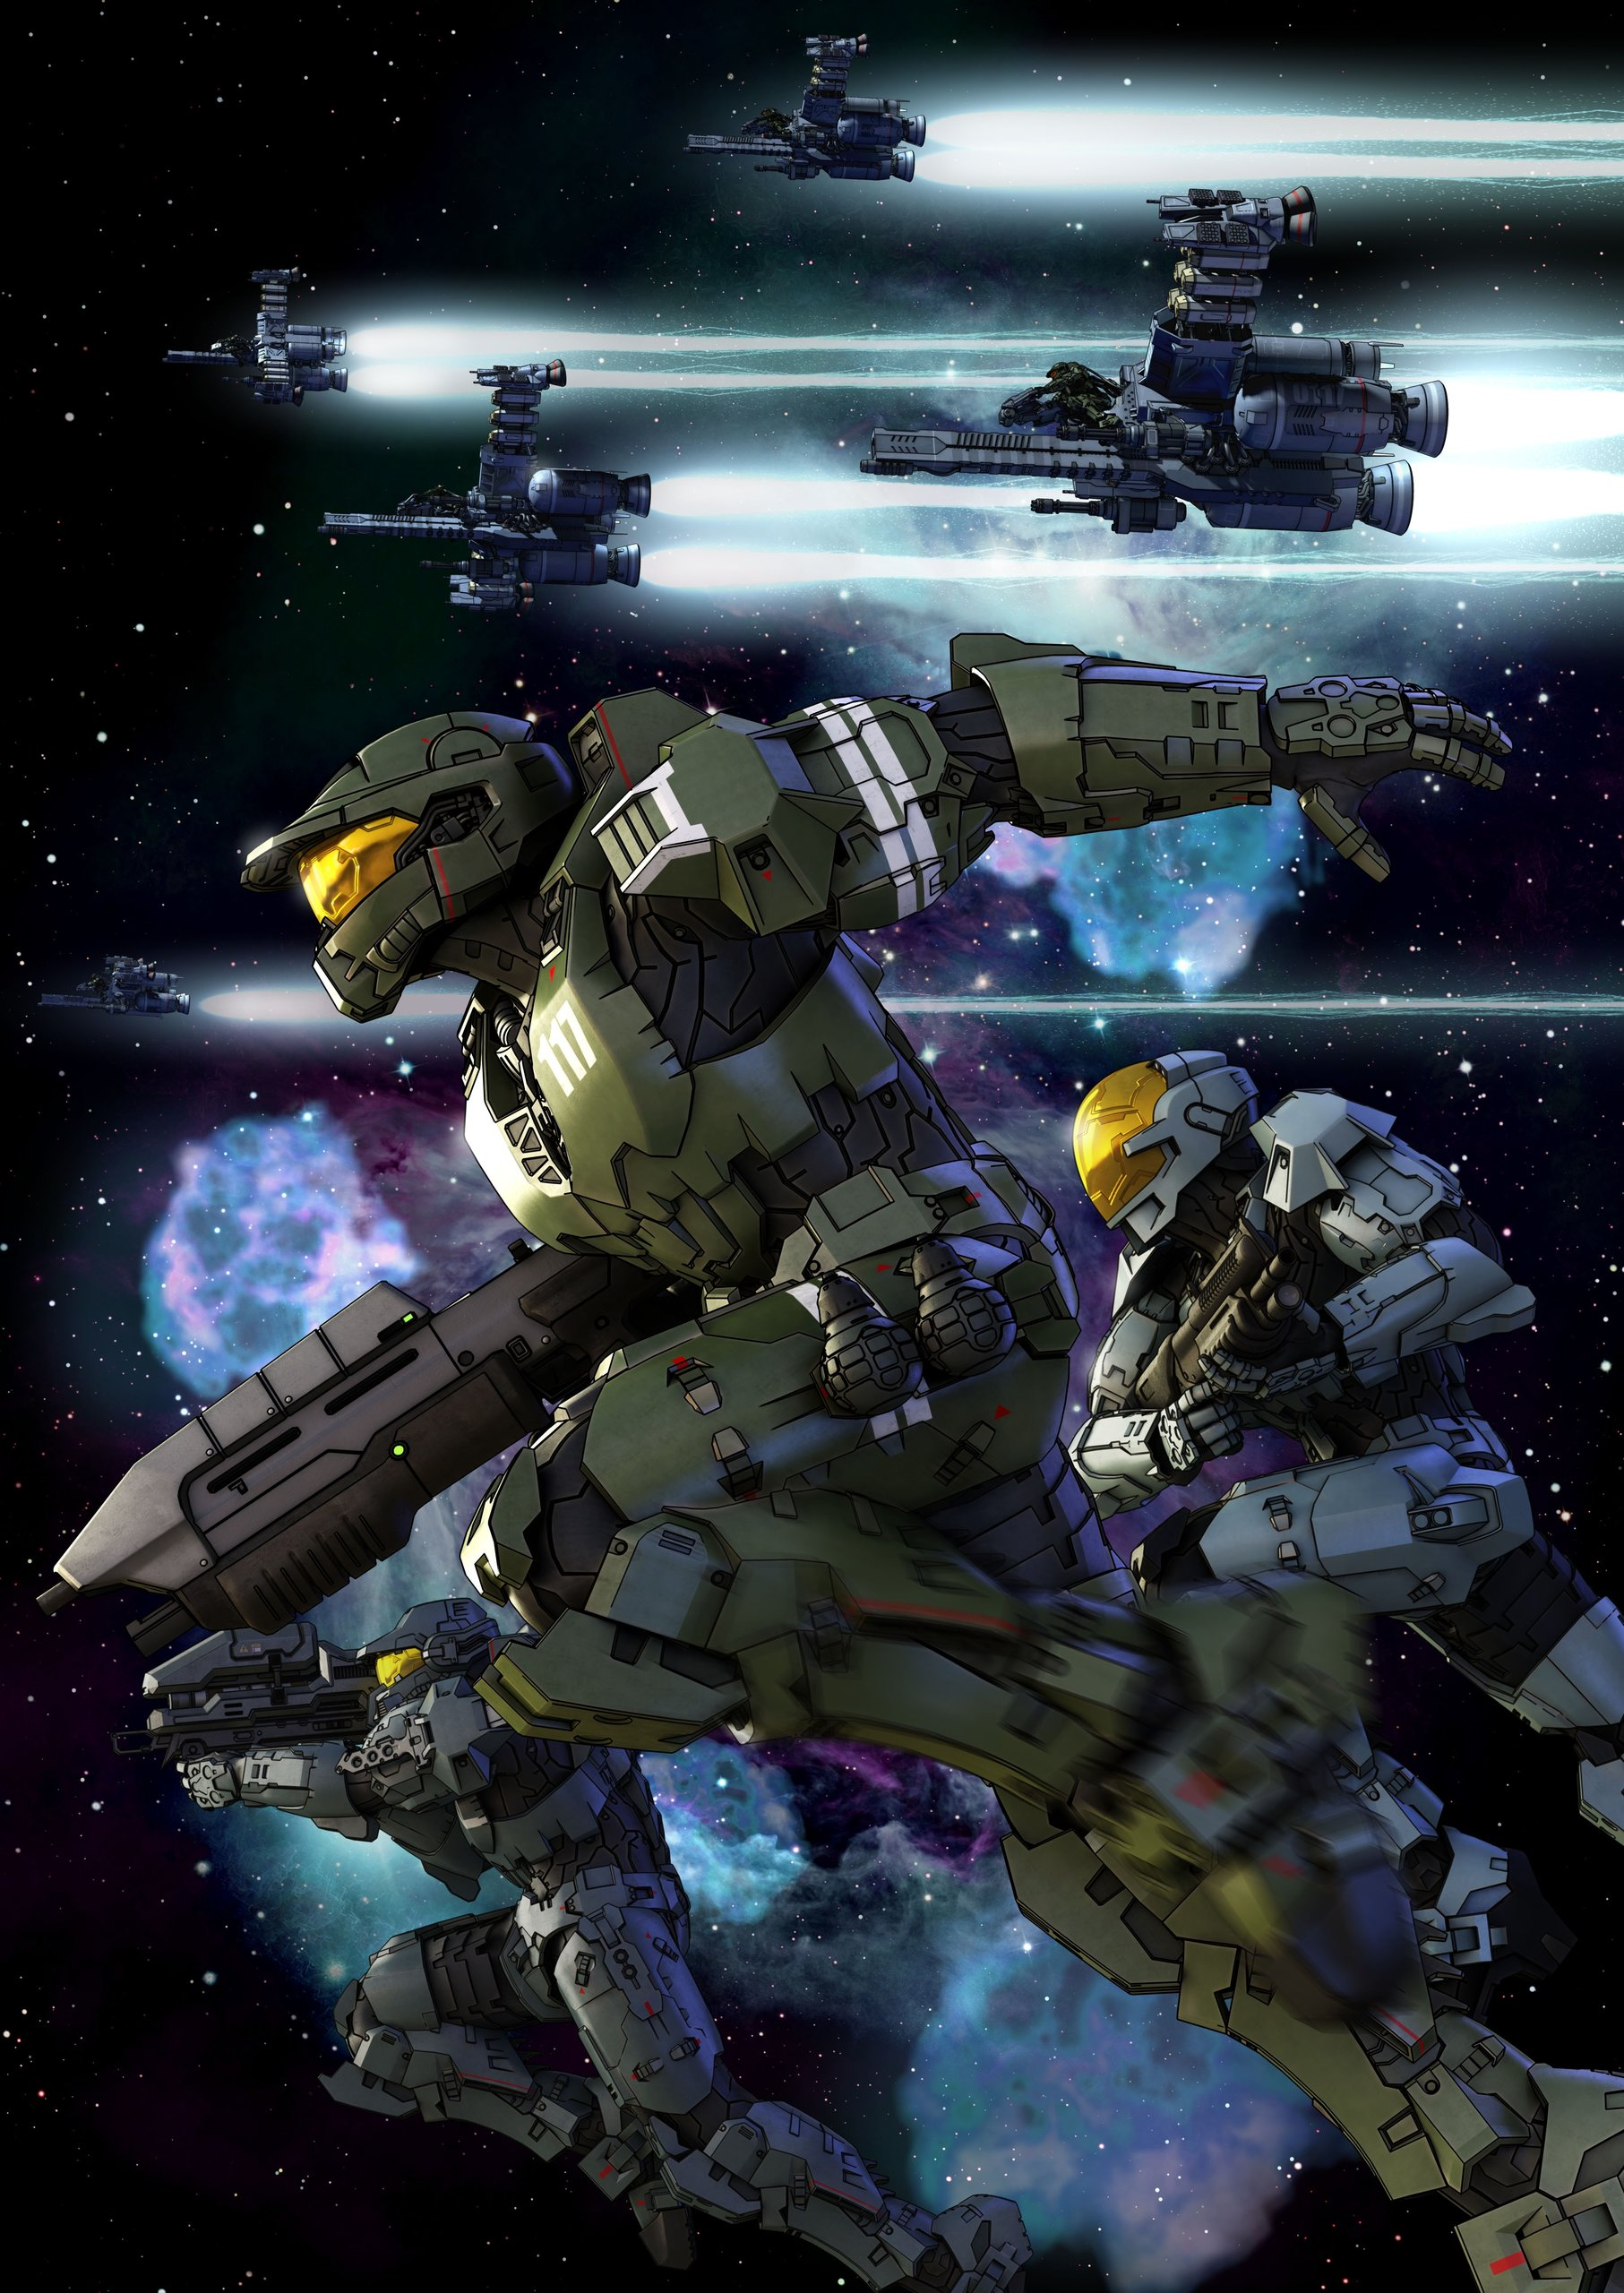 Ожидаются подробности о новой игре создателей Halo